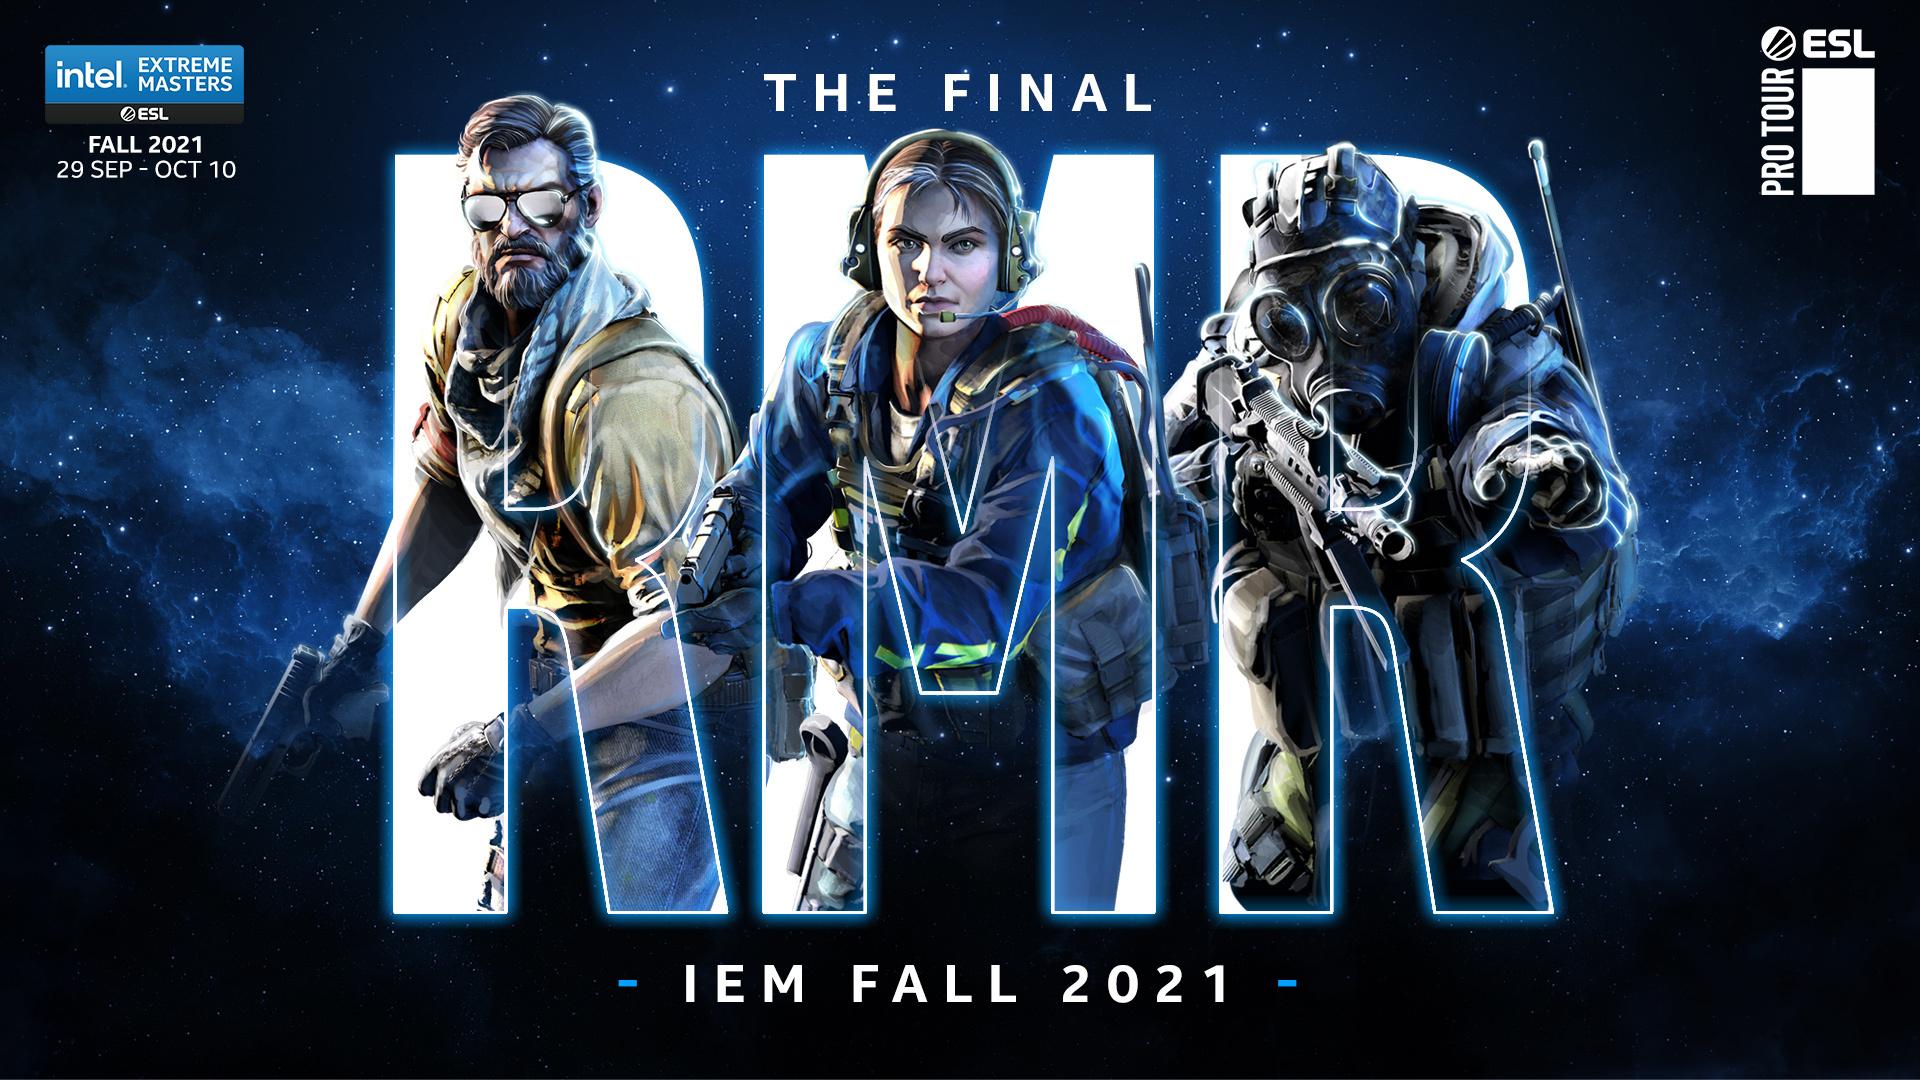 IEM Fall 2021